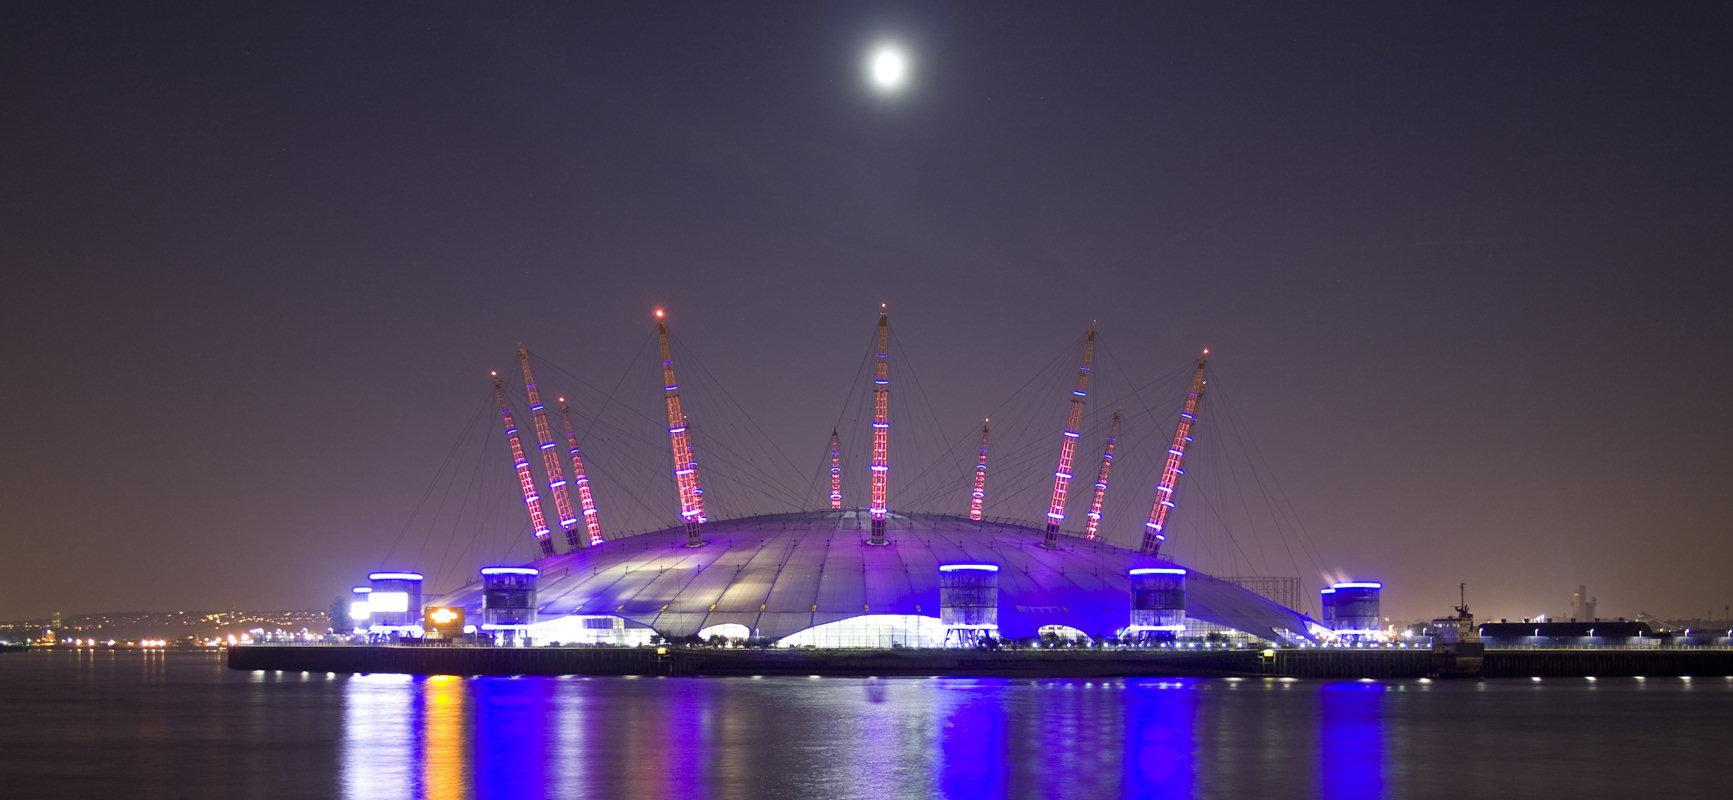 Millennium Dome noaptea